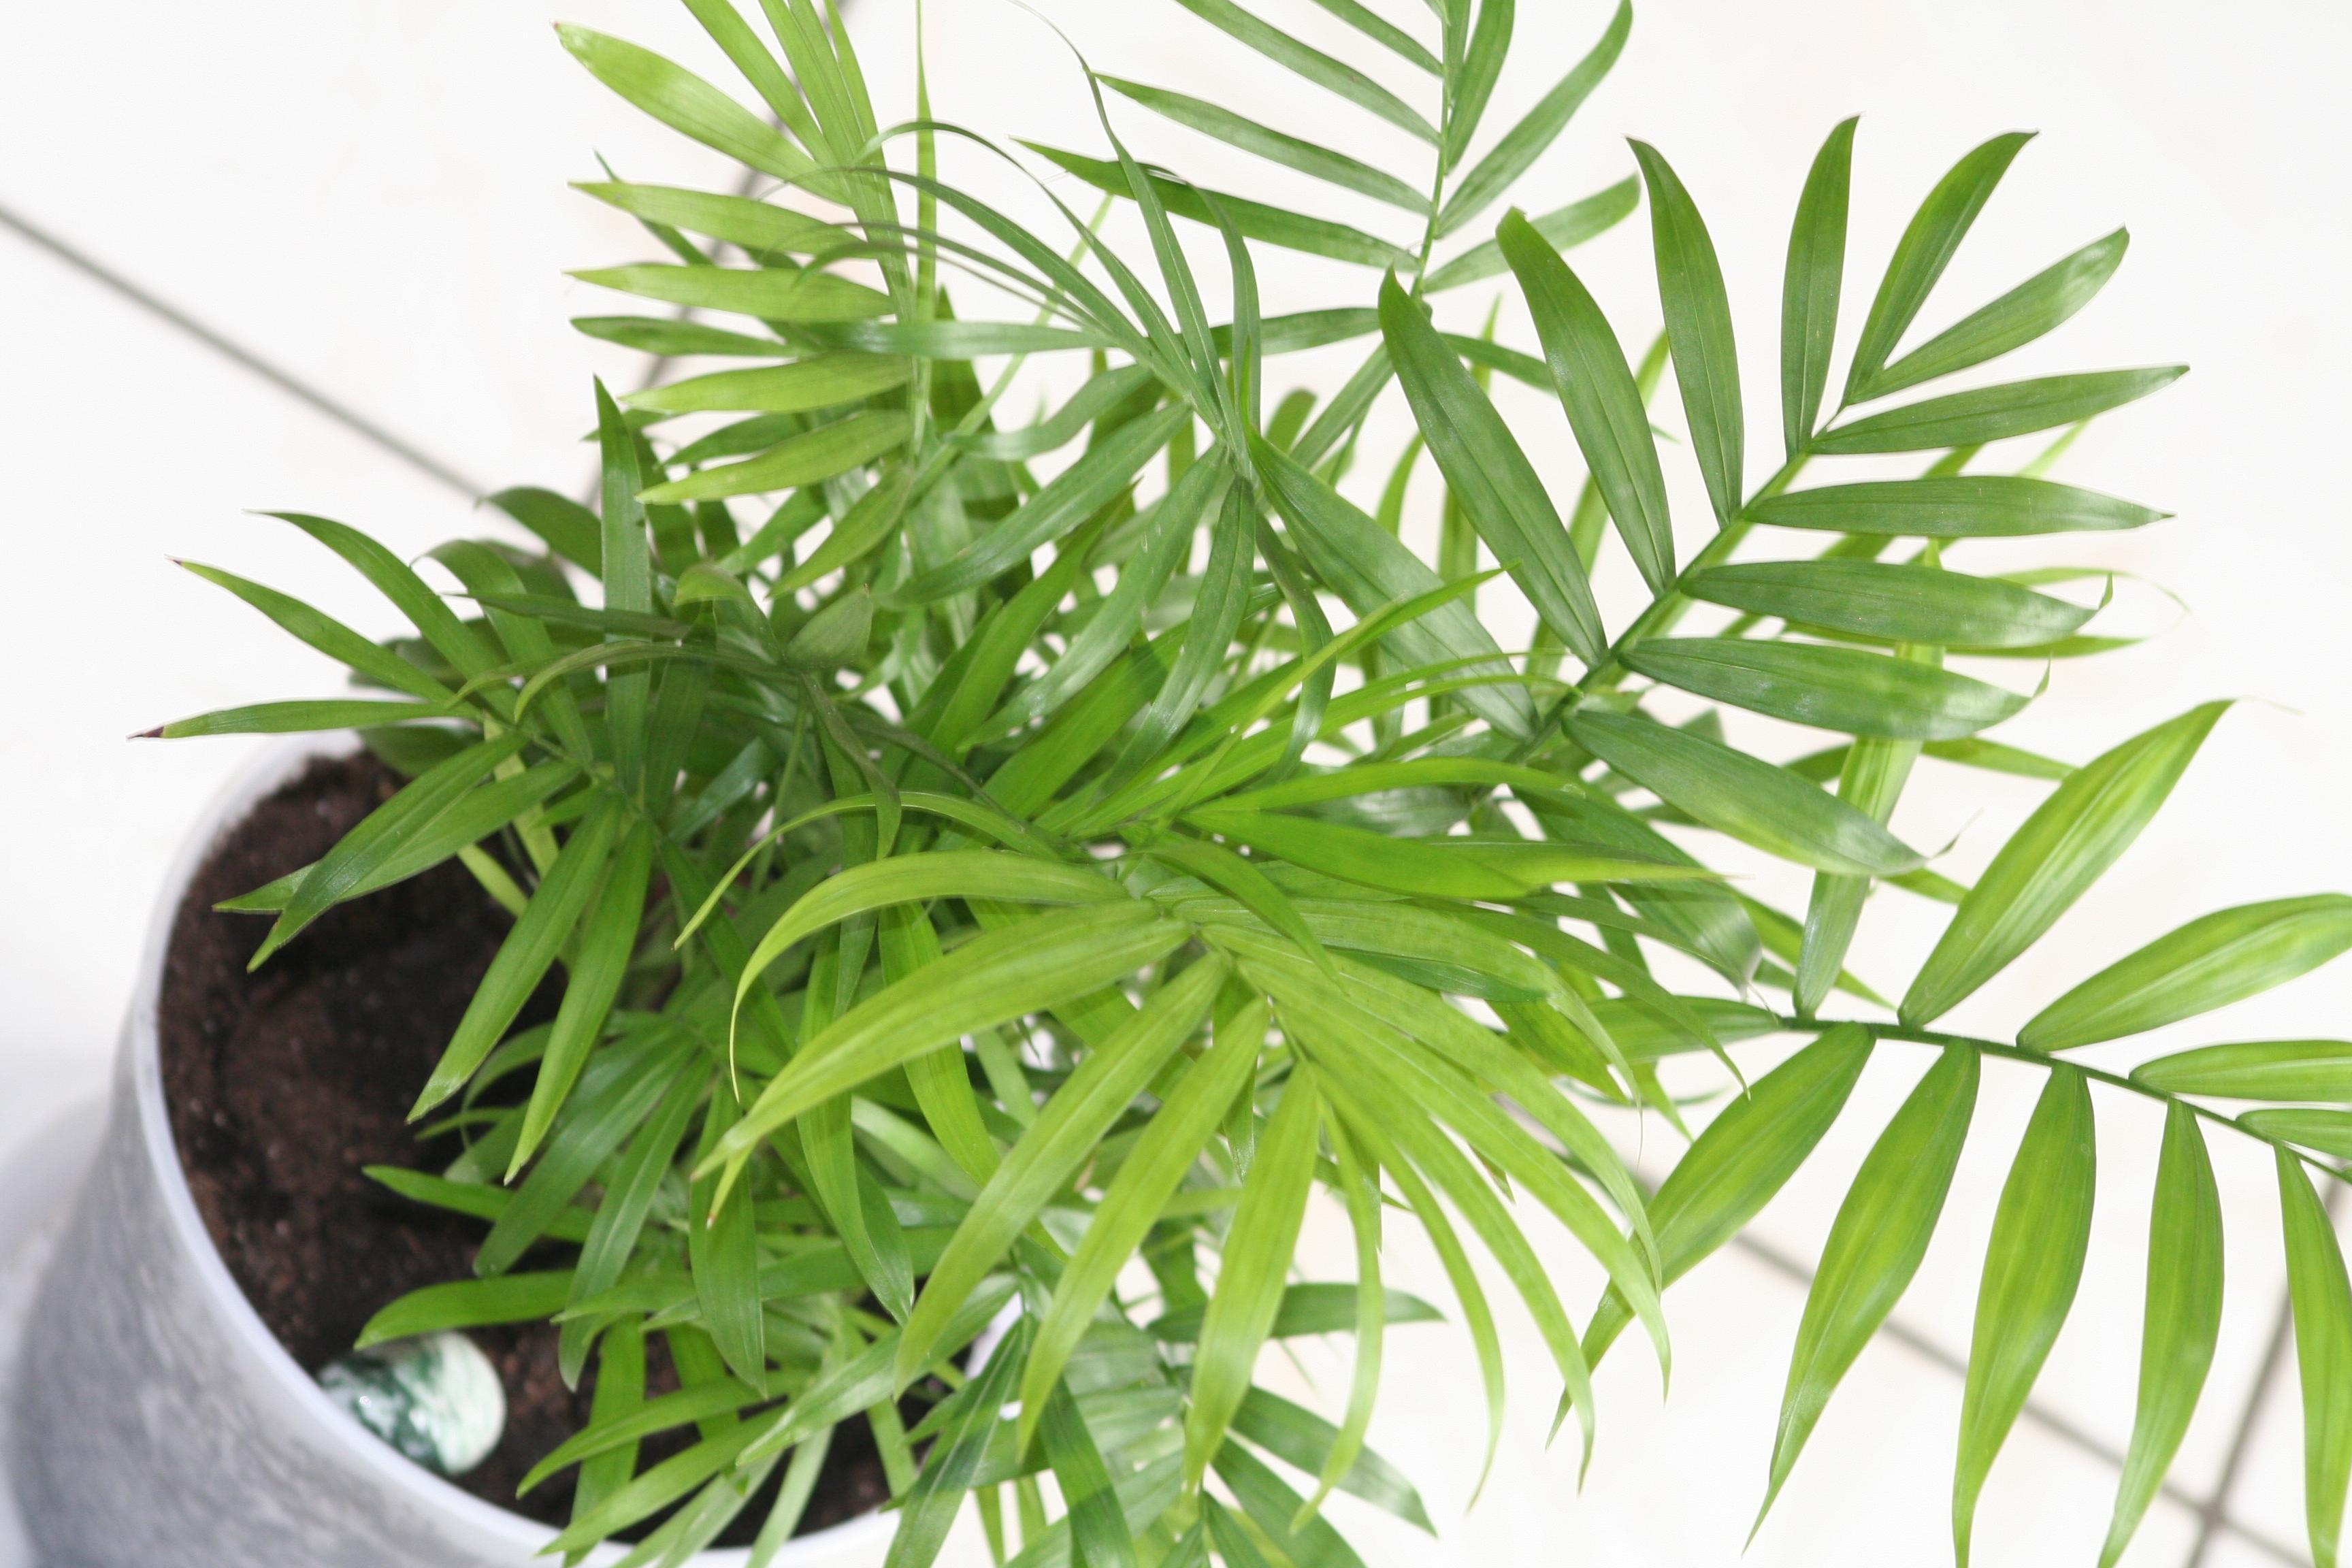 La chamaedorea elegans o palmera de interior - Planta interior palmera ...